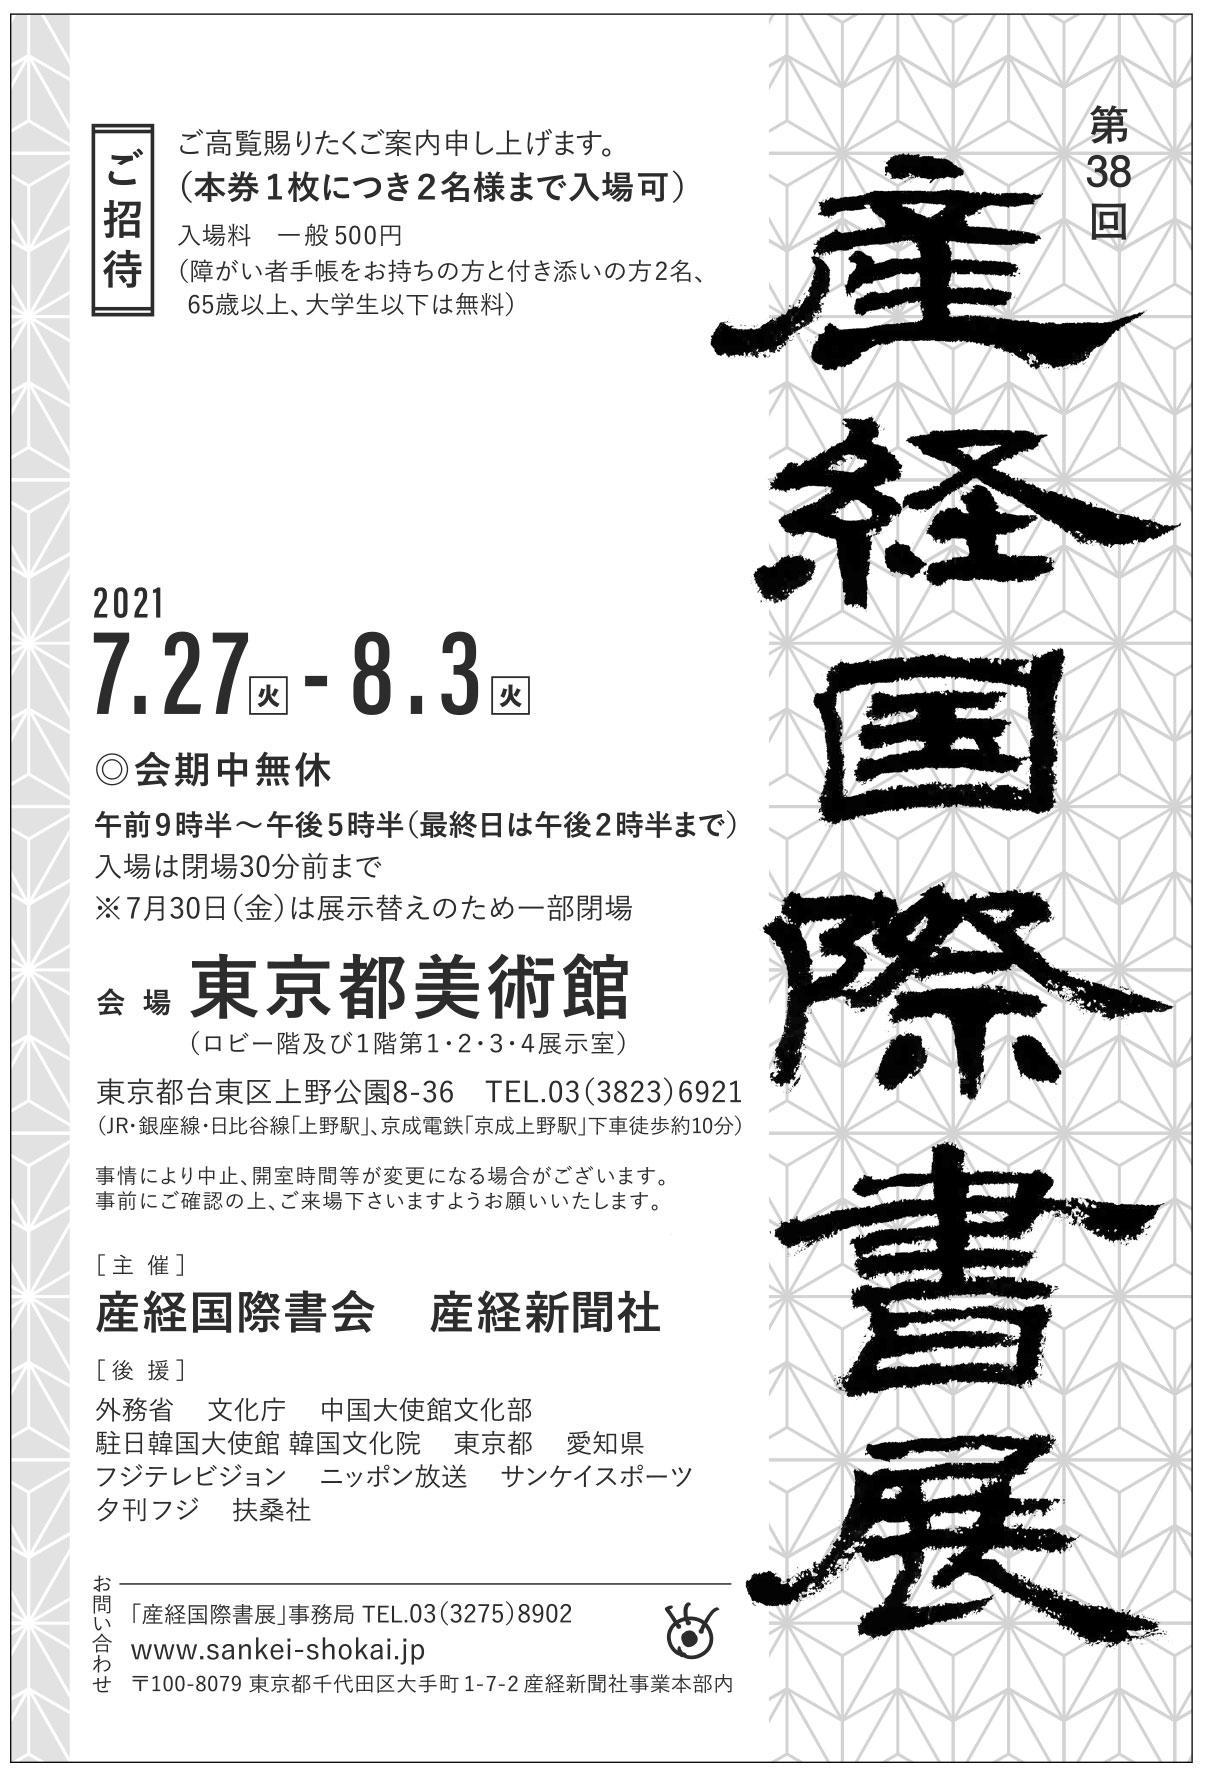 sankeikokusaisyoten2021_hagaki_omote.jpg